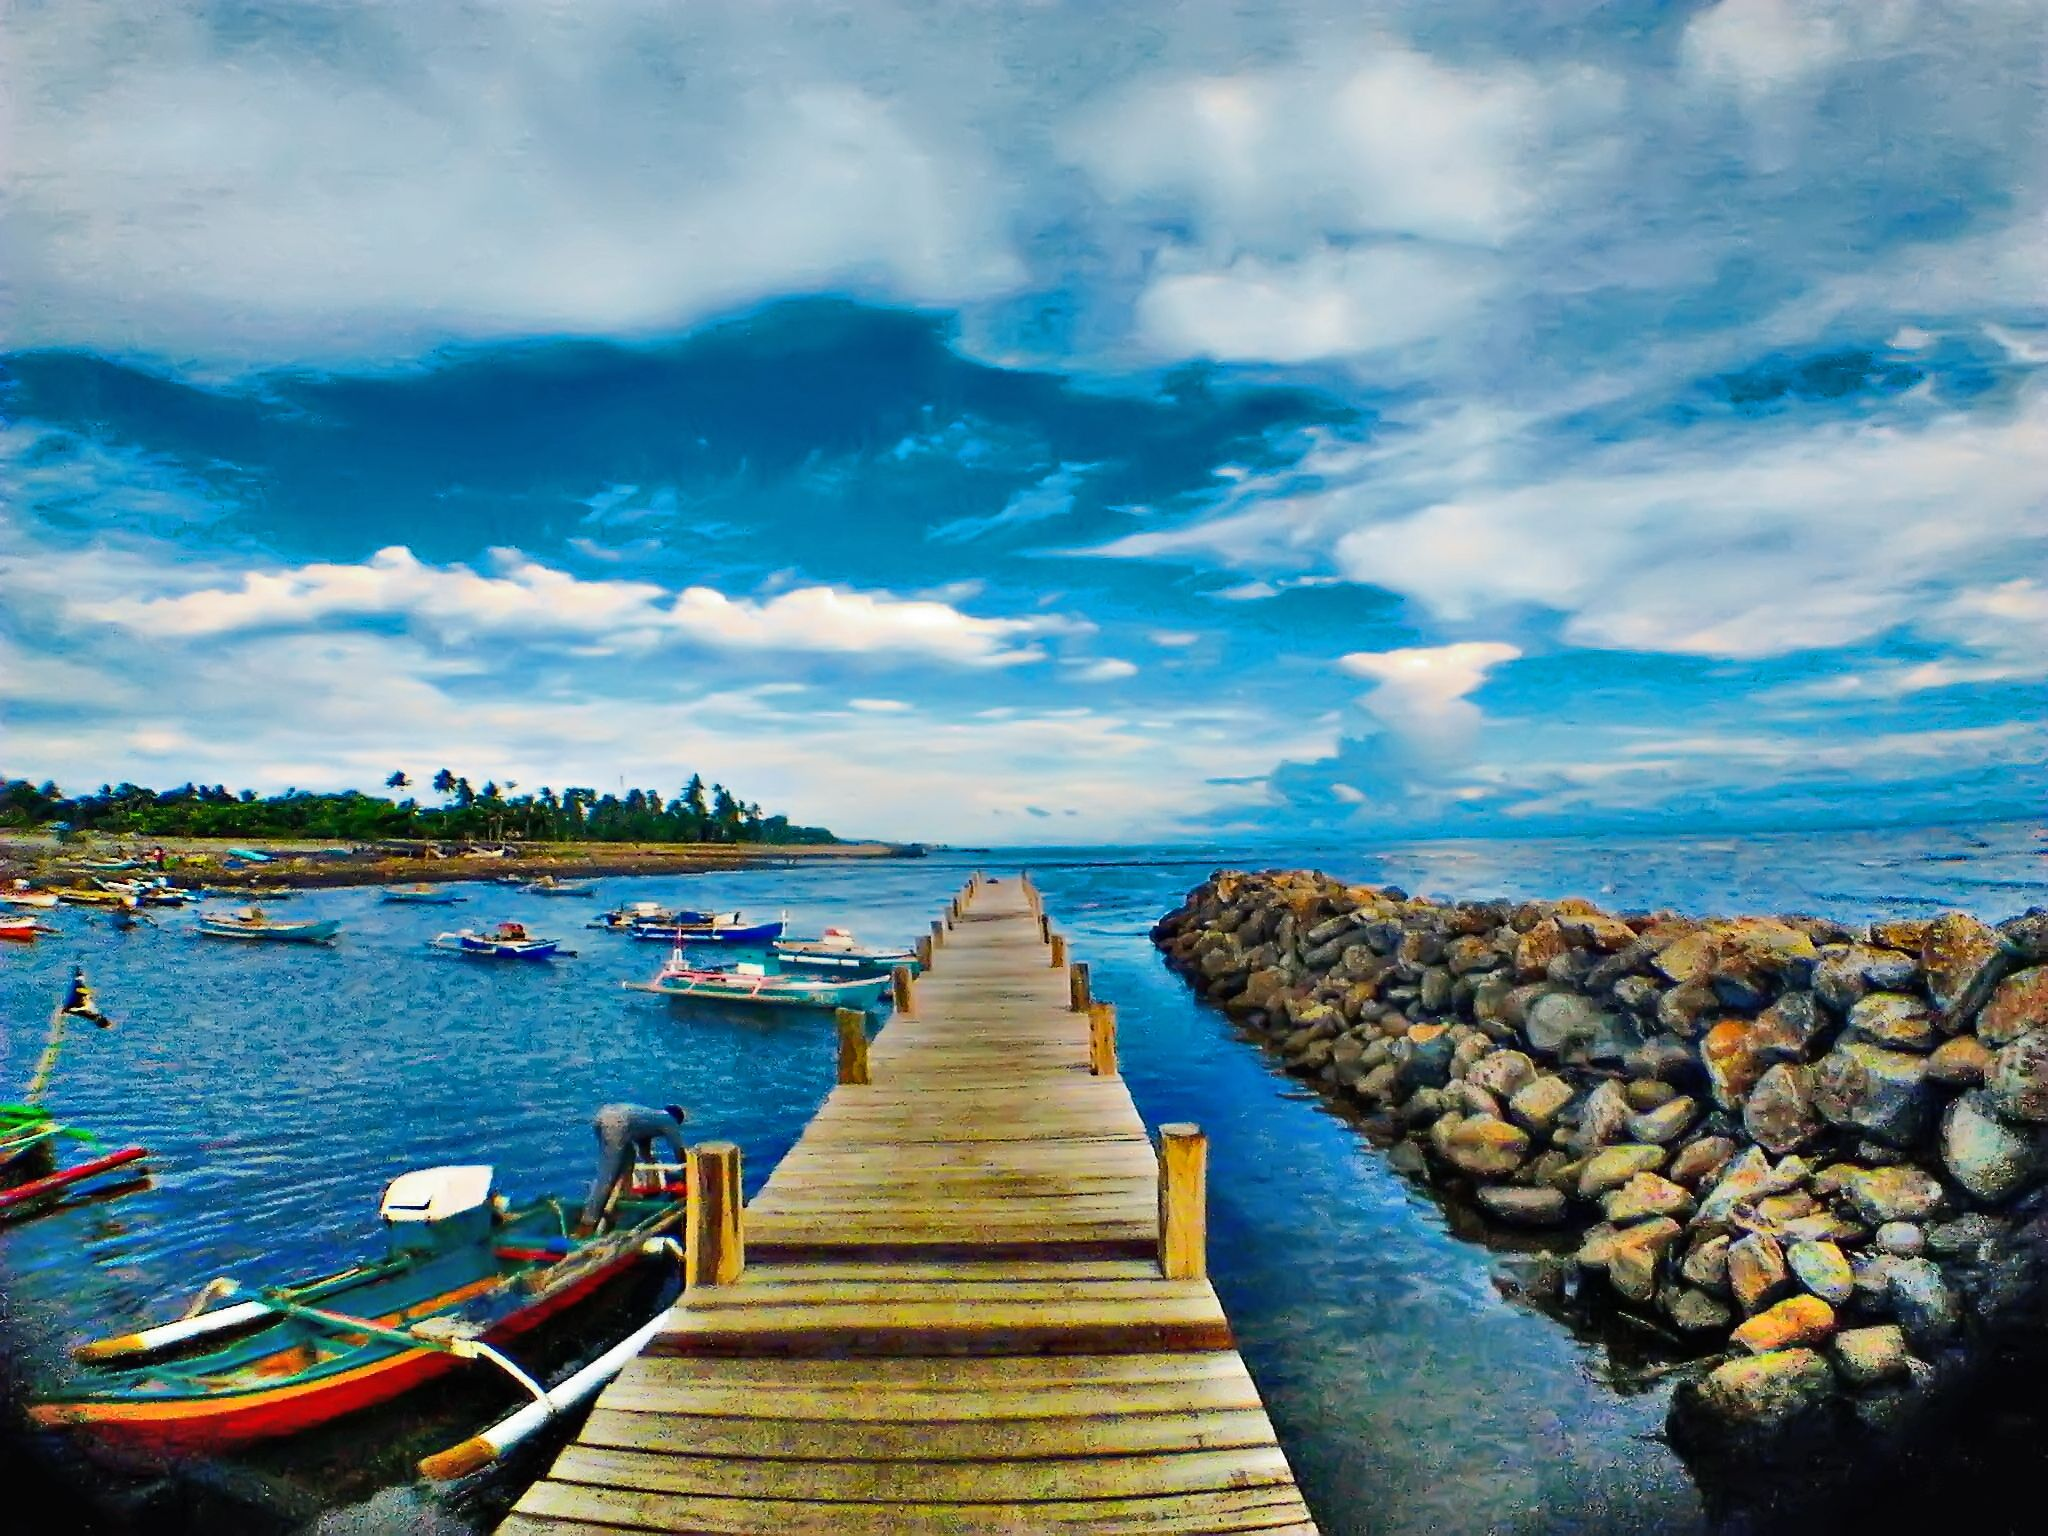 Kawasan Pantai Seruni Bantaeng, f7ndhy.blogspot.com  Photoshoot